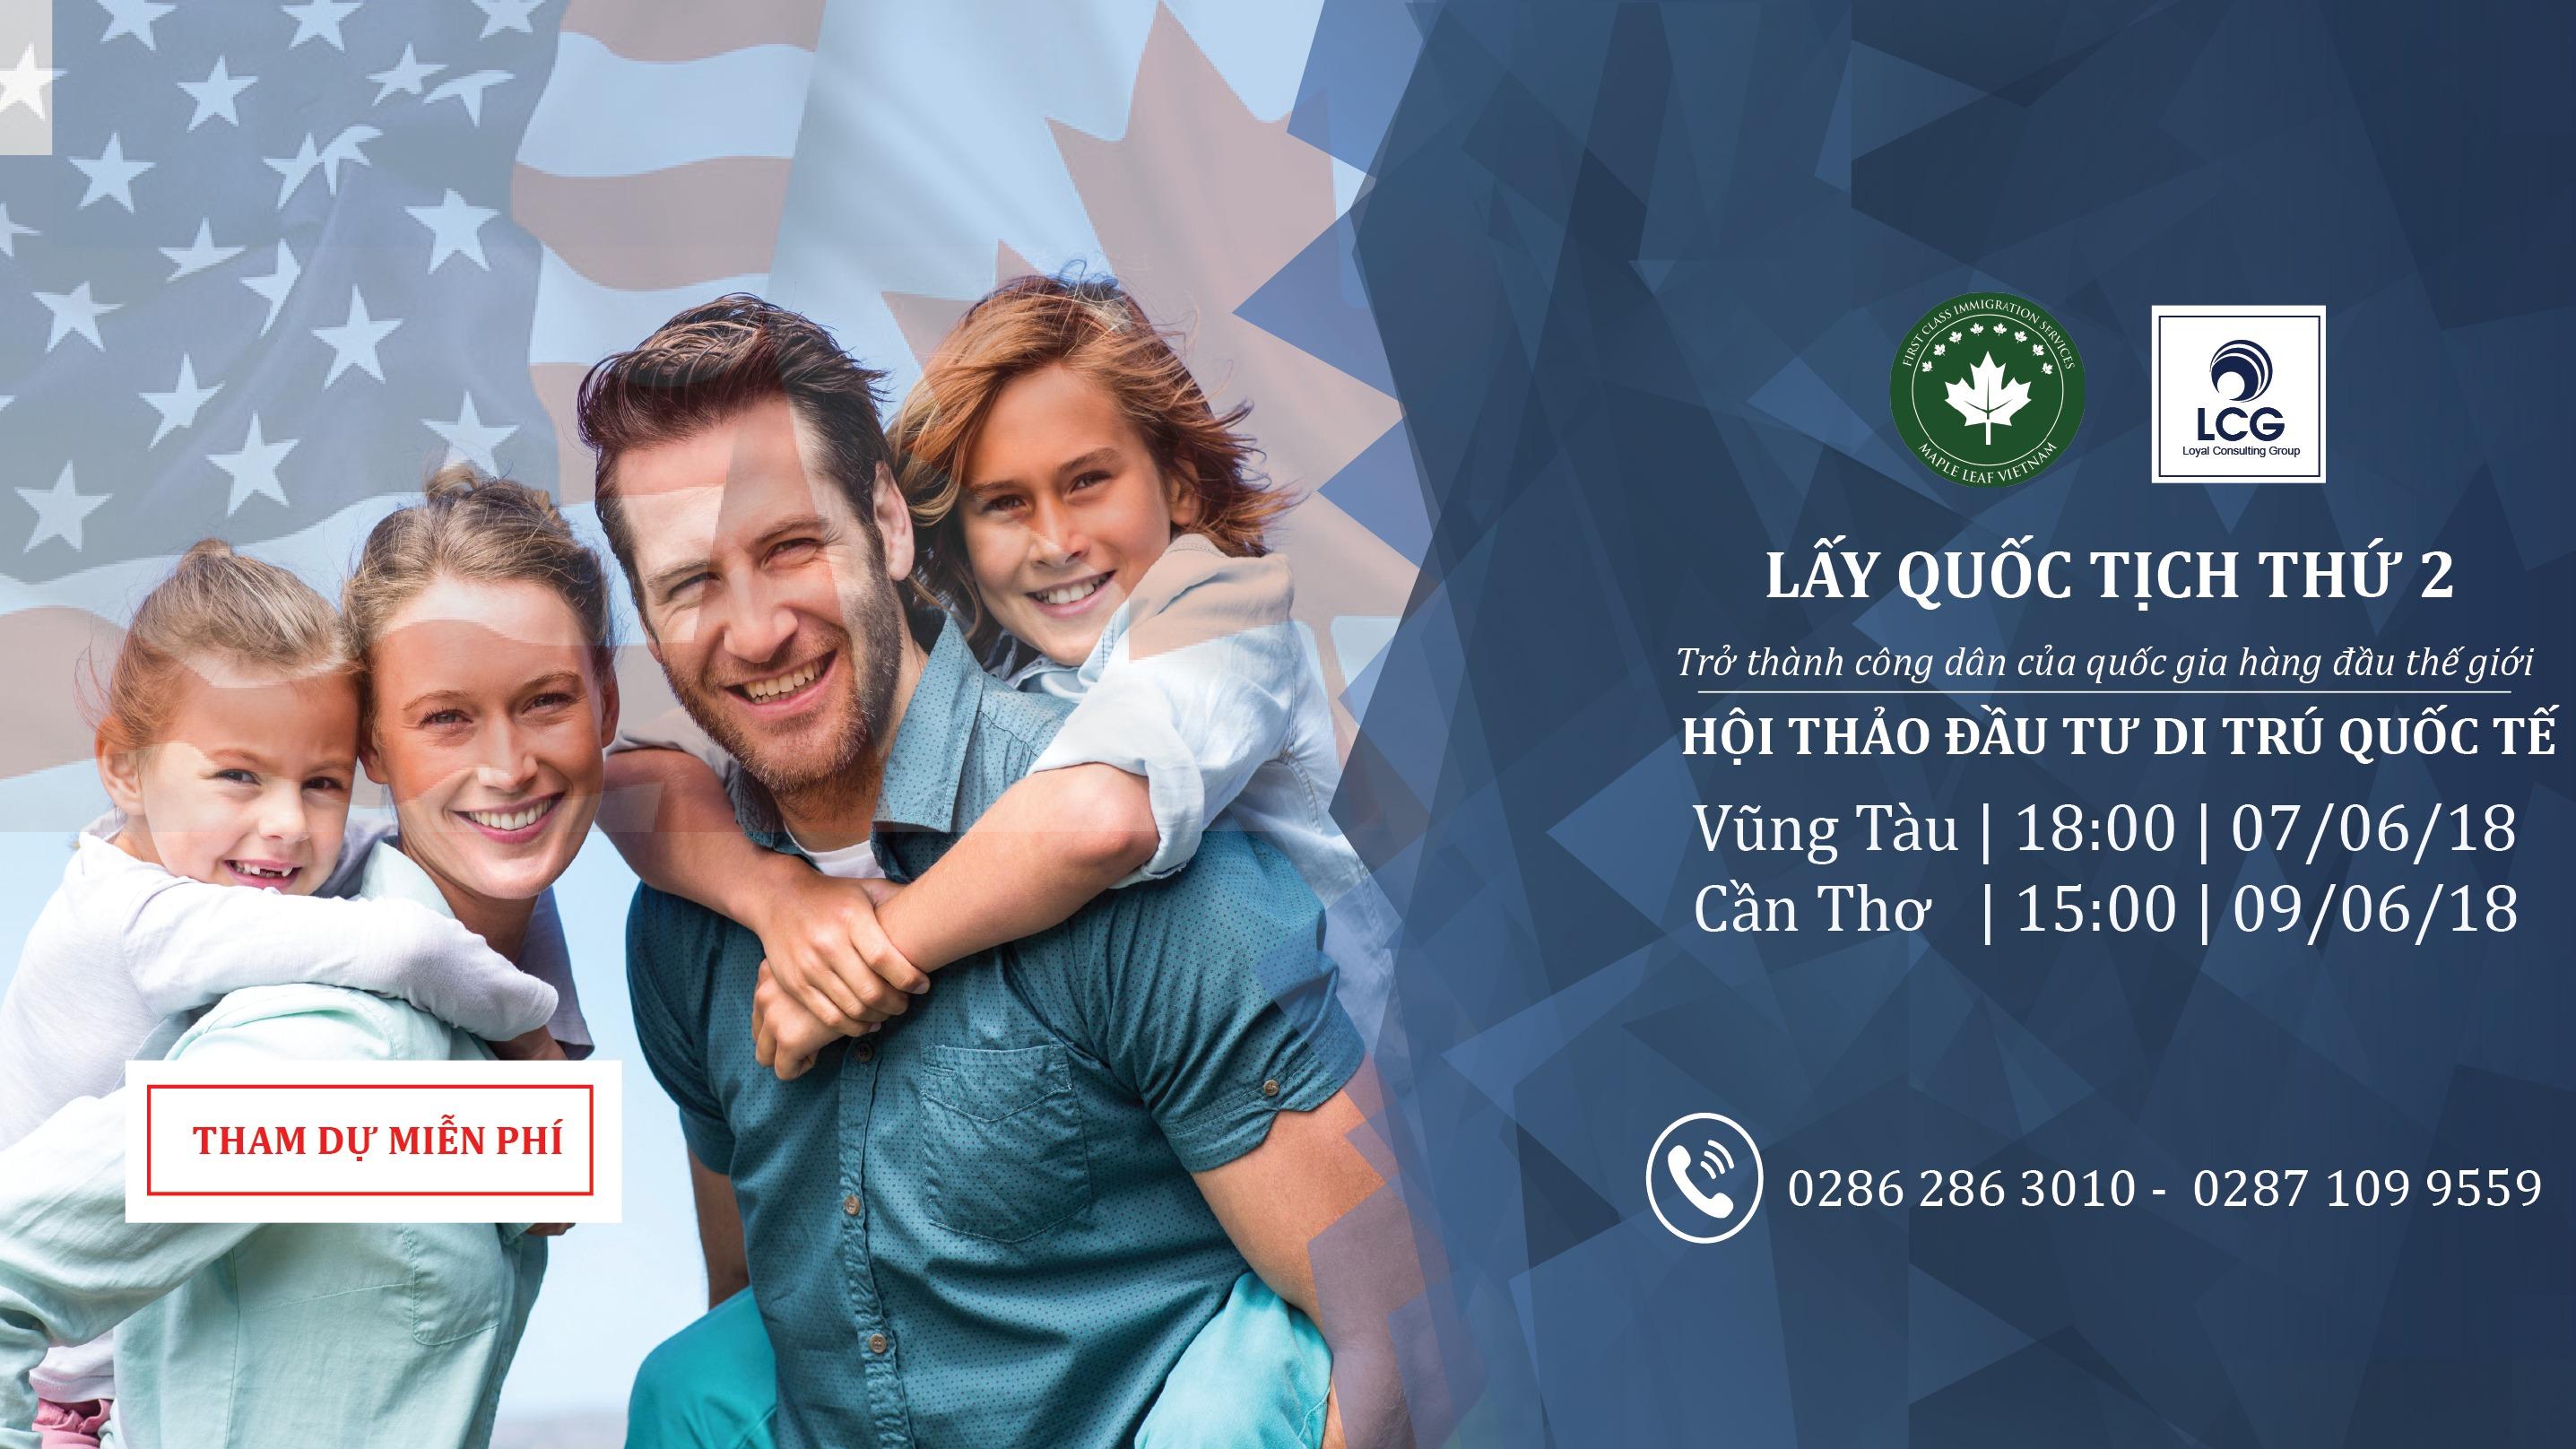 lay-quoc-tich-thu-2-hoi-thao-dau-tu-di-tru-quoc-te-062018